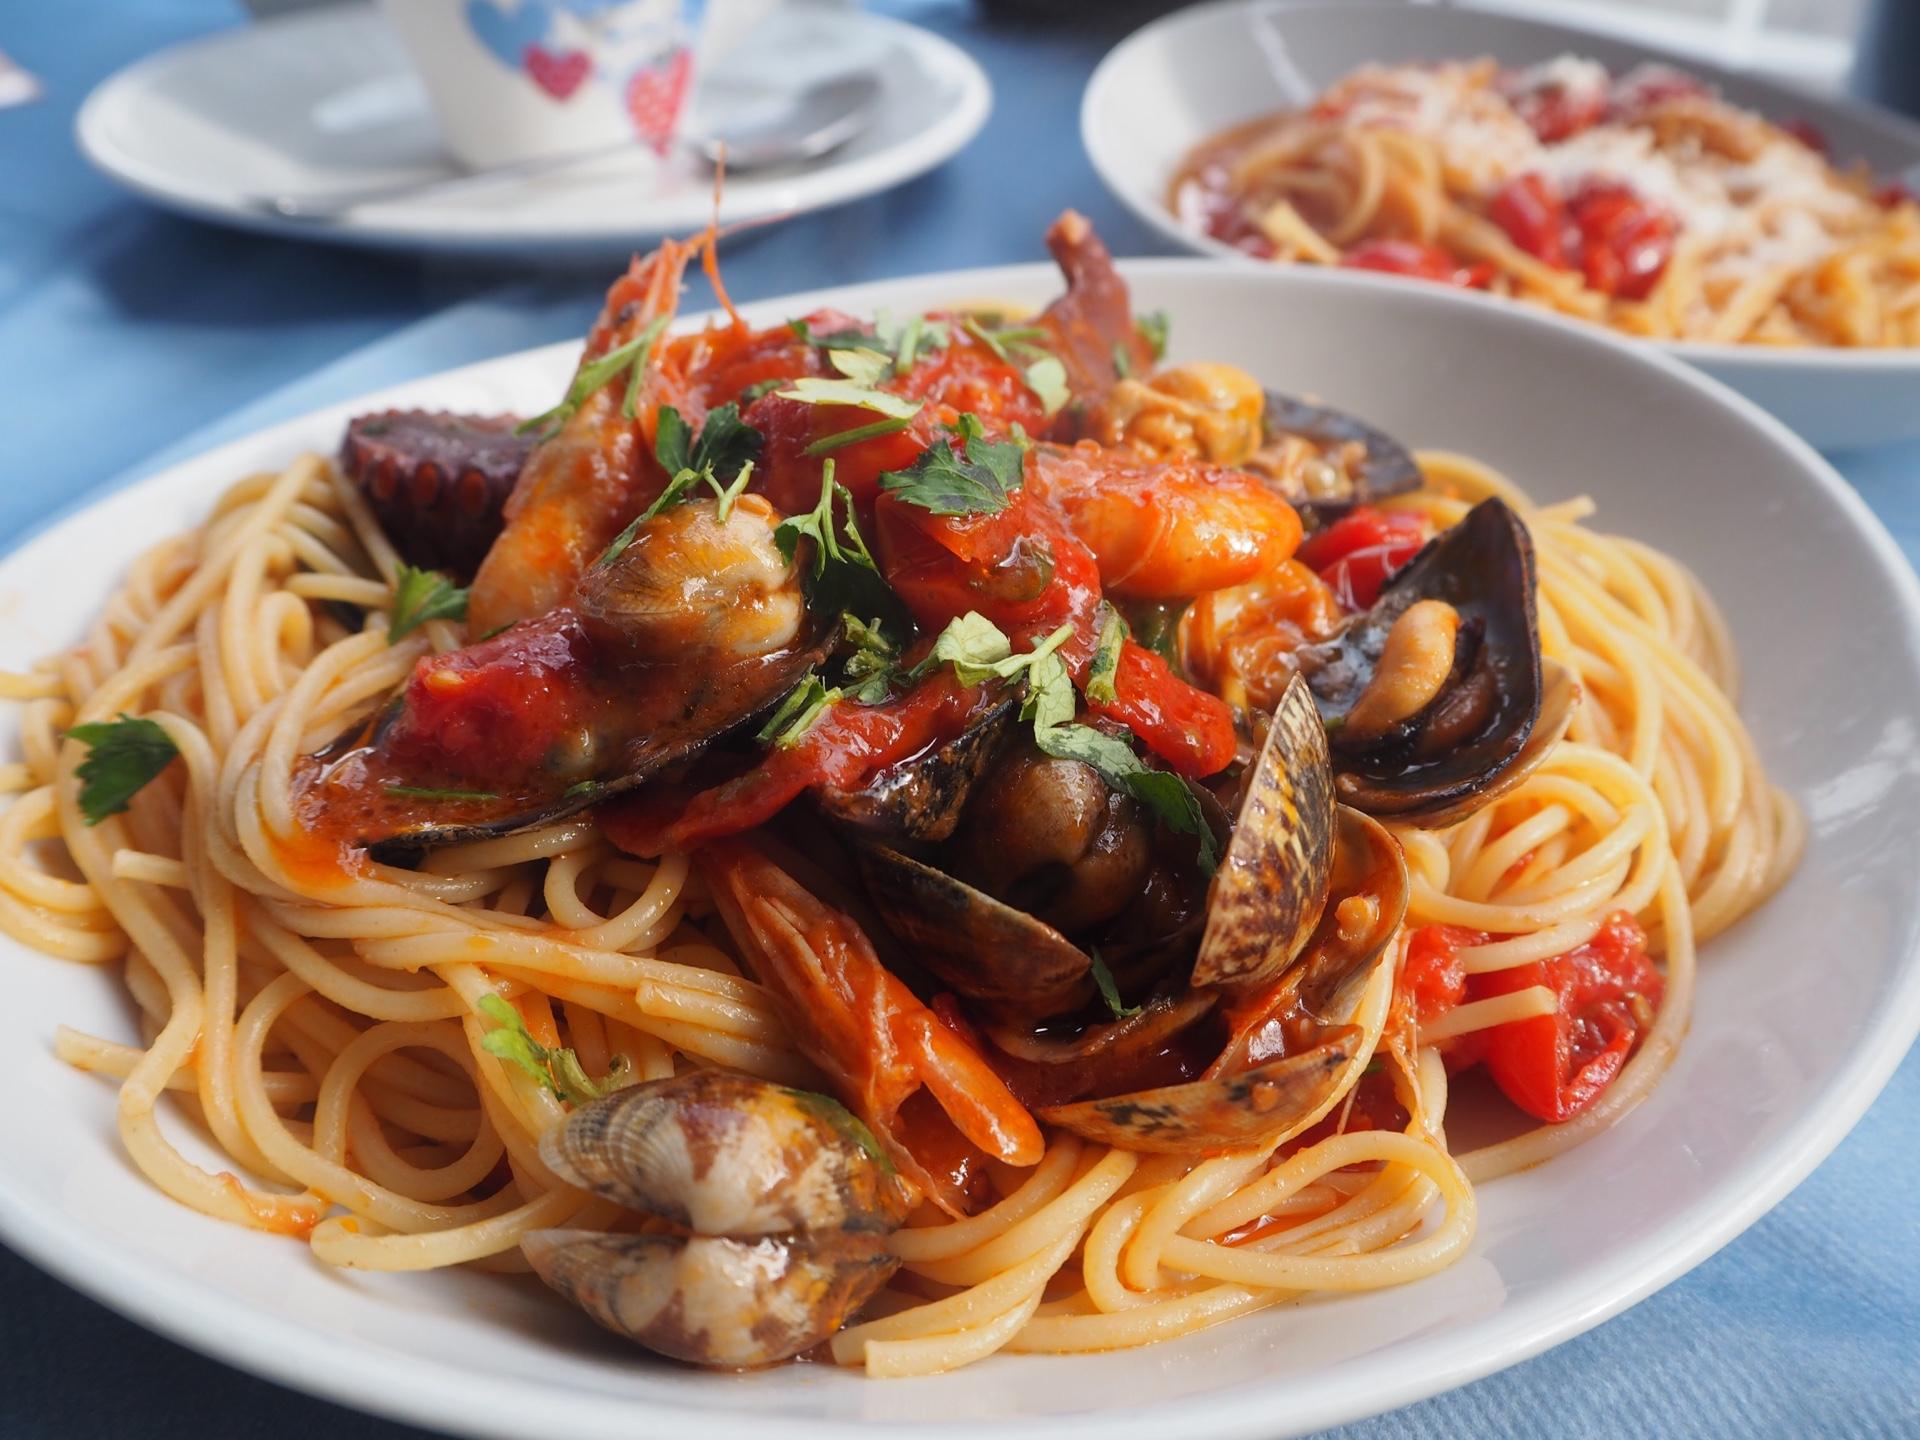 ナポリのレストラン!ナポリでパスタを50皿以上食べた著者がナポリ料理を紹介!